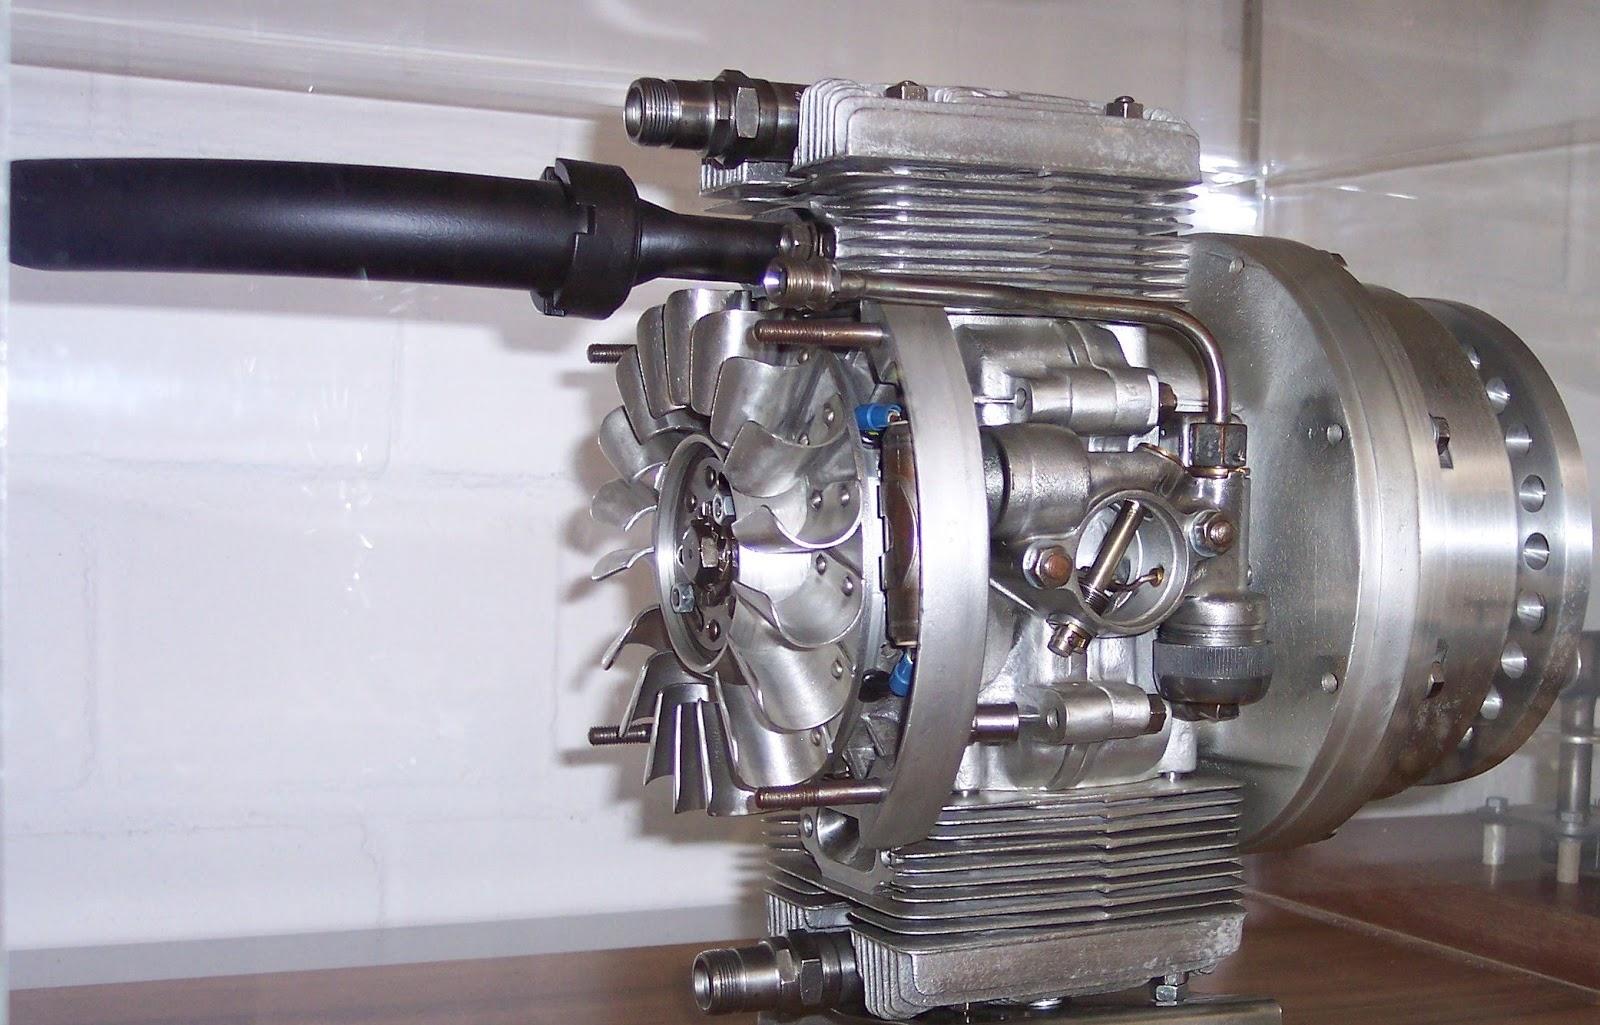 Riedel Junkers Jumo 004 Anlassermotor